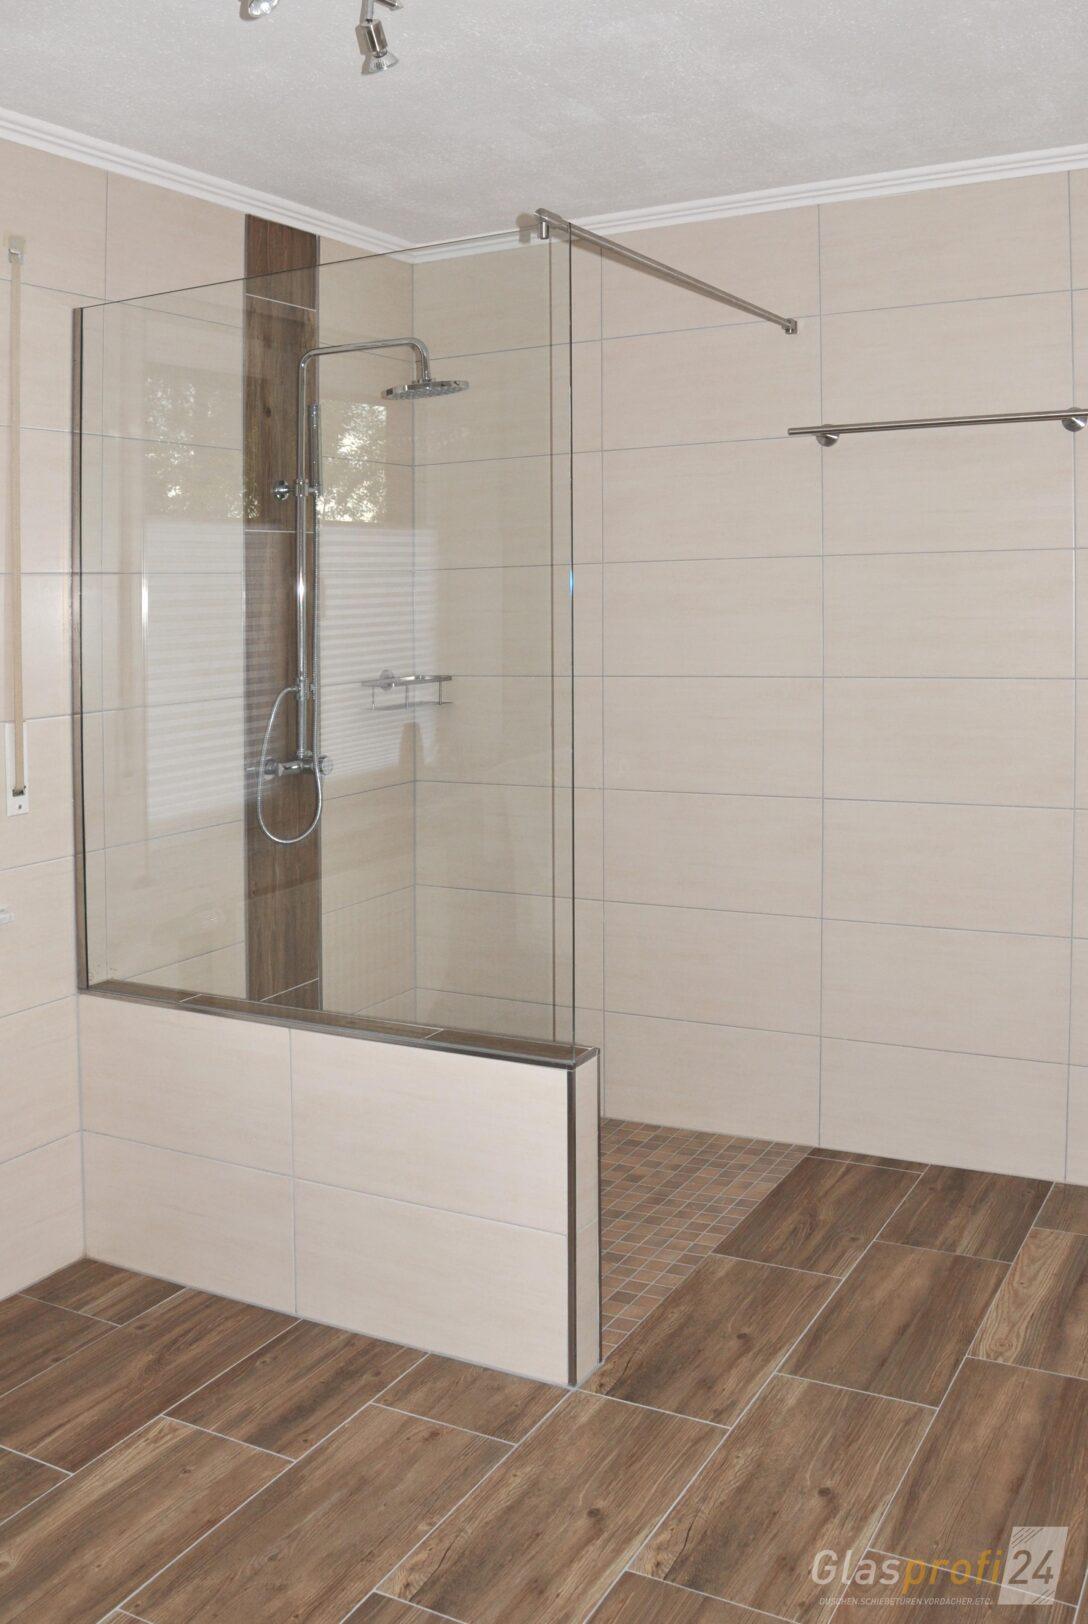 Large Size of Ebenerdige Dusche Kosten Fenster Einbauen Mischbatterie Kaufen Neue Hüppe Eckeinstieg Bodengleiche Duschen Behindertengerechte Begehbare Unterputz Armatur Dusche Bodengleiche Dusche Nachträglich Einbauen